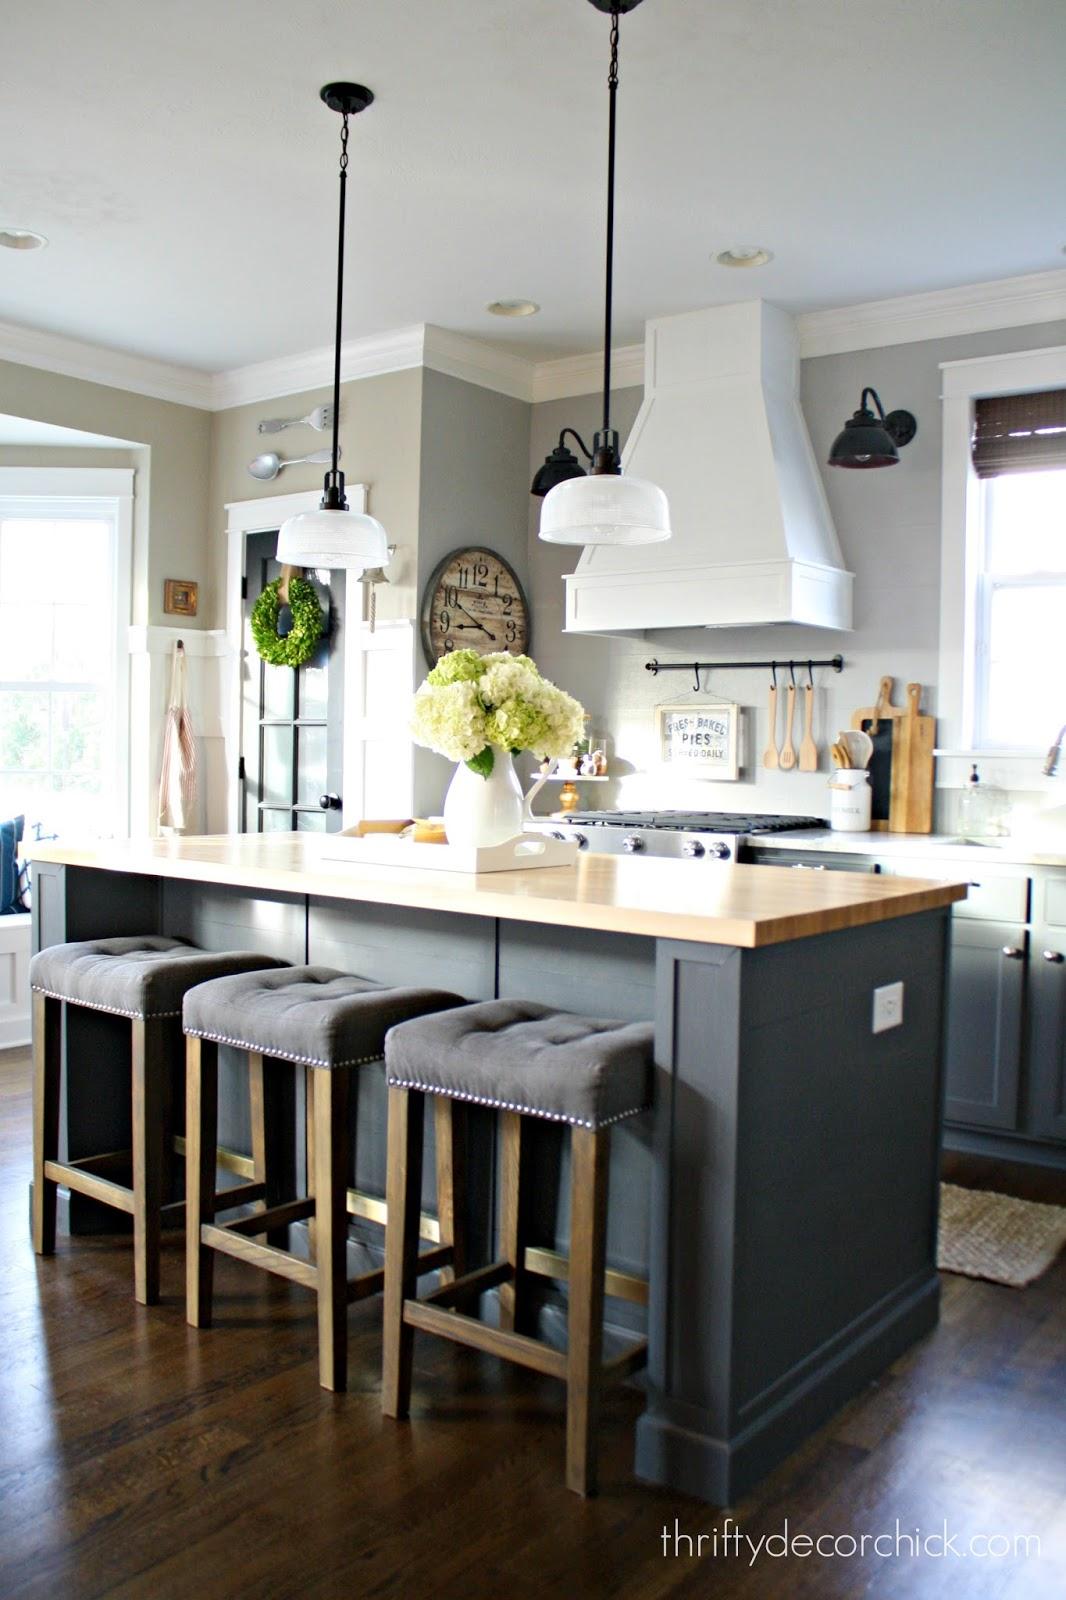 Cool extending kitchen island DIY